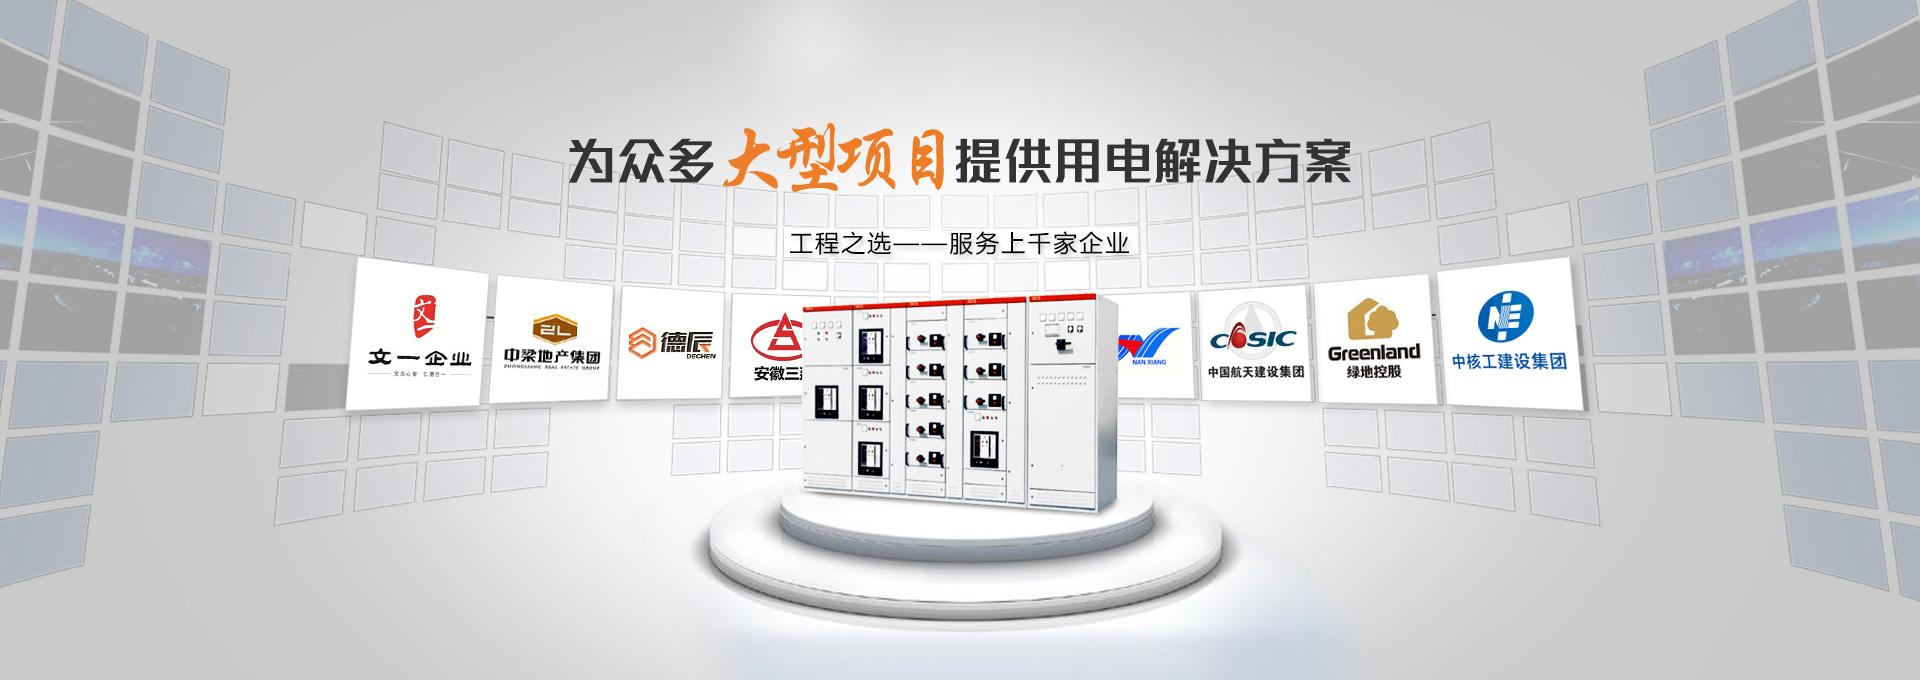 千亚电气 为众多大型项目提供用电解决方案